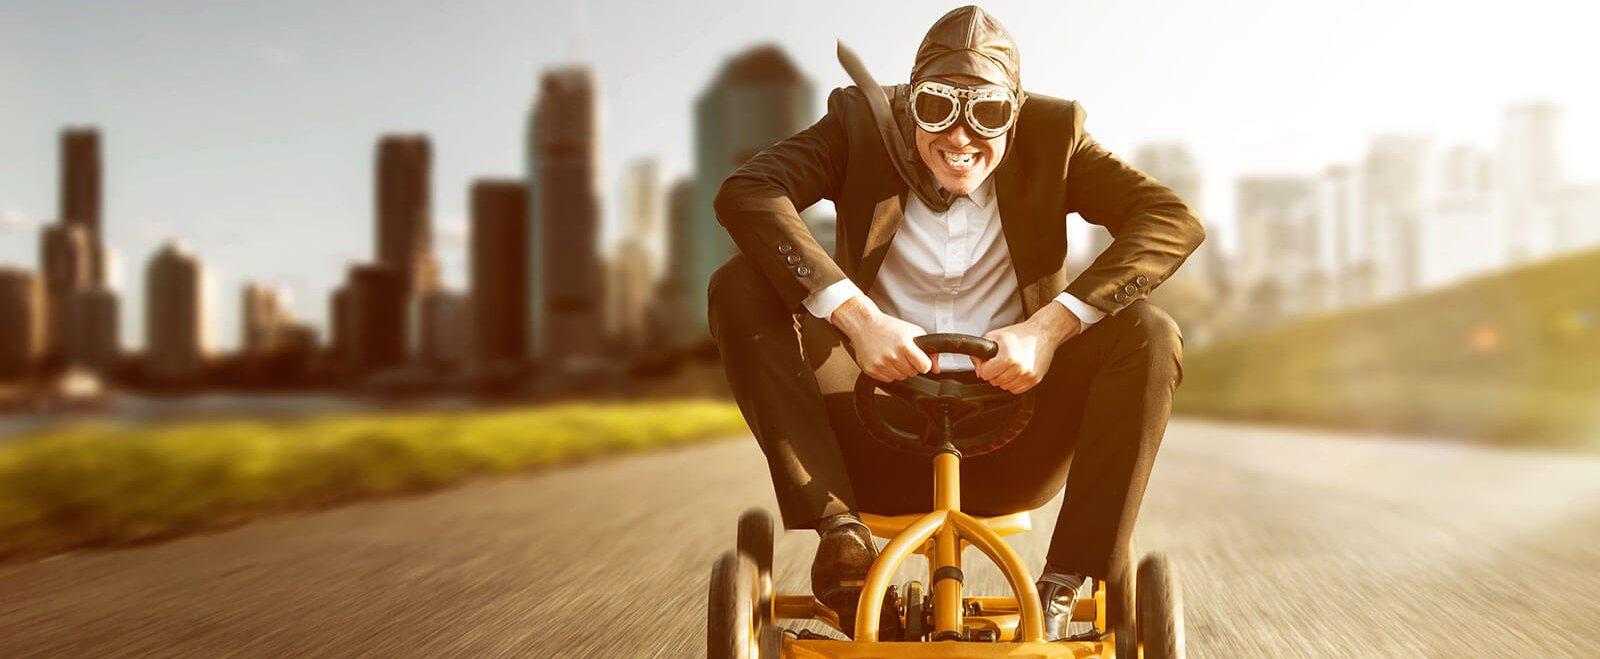 Angst ist, was uns am Boden hält - authentisches Marketing